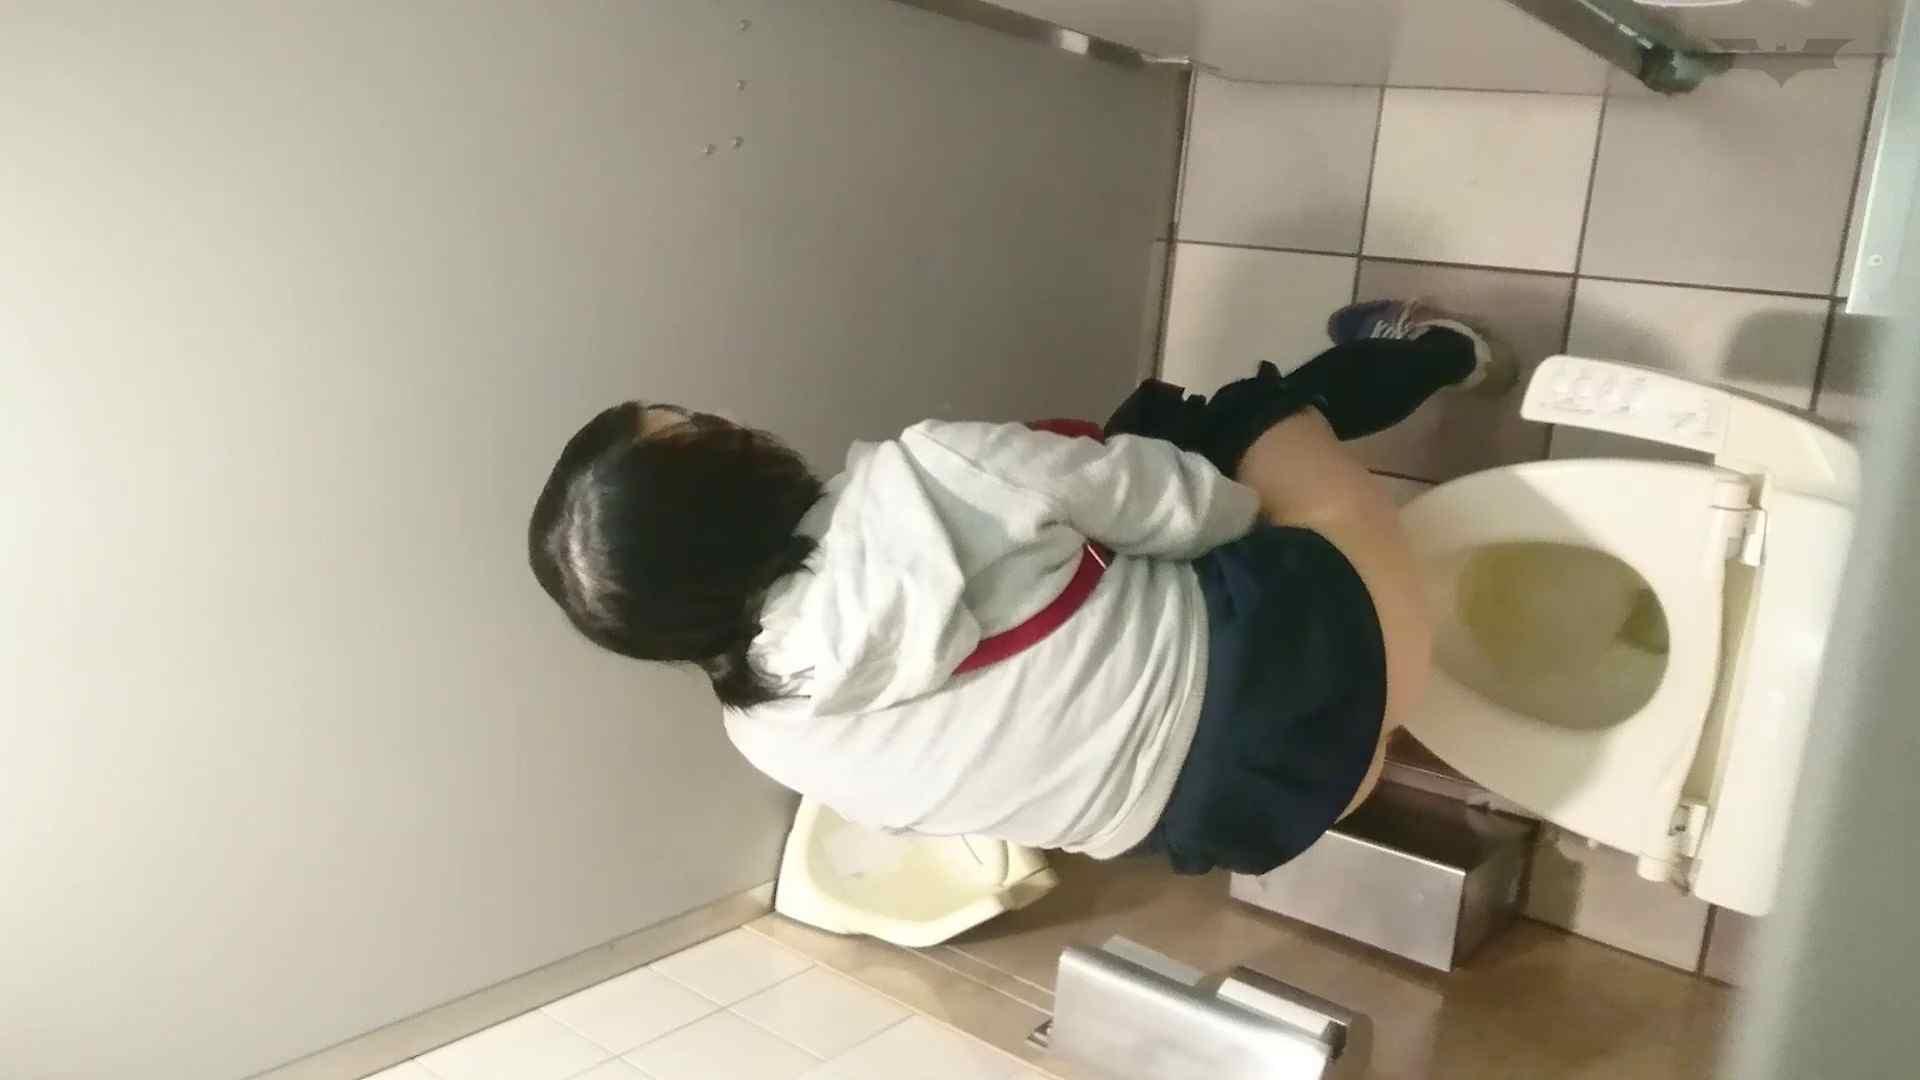 化粧室絵巻 ショッピングモール編 VOL.17 細身体型 すけべAV動画紹介 104枚 61